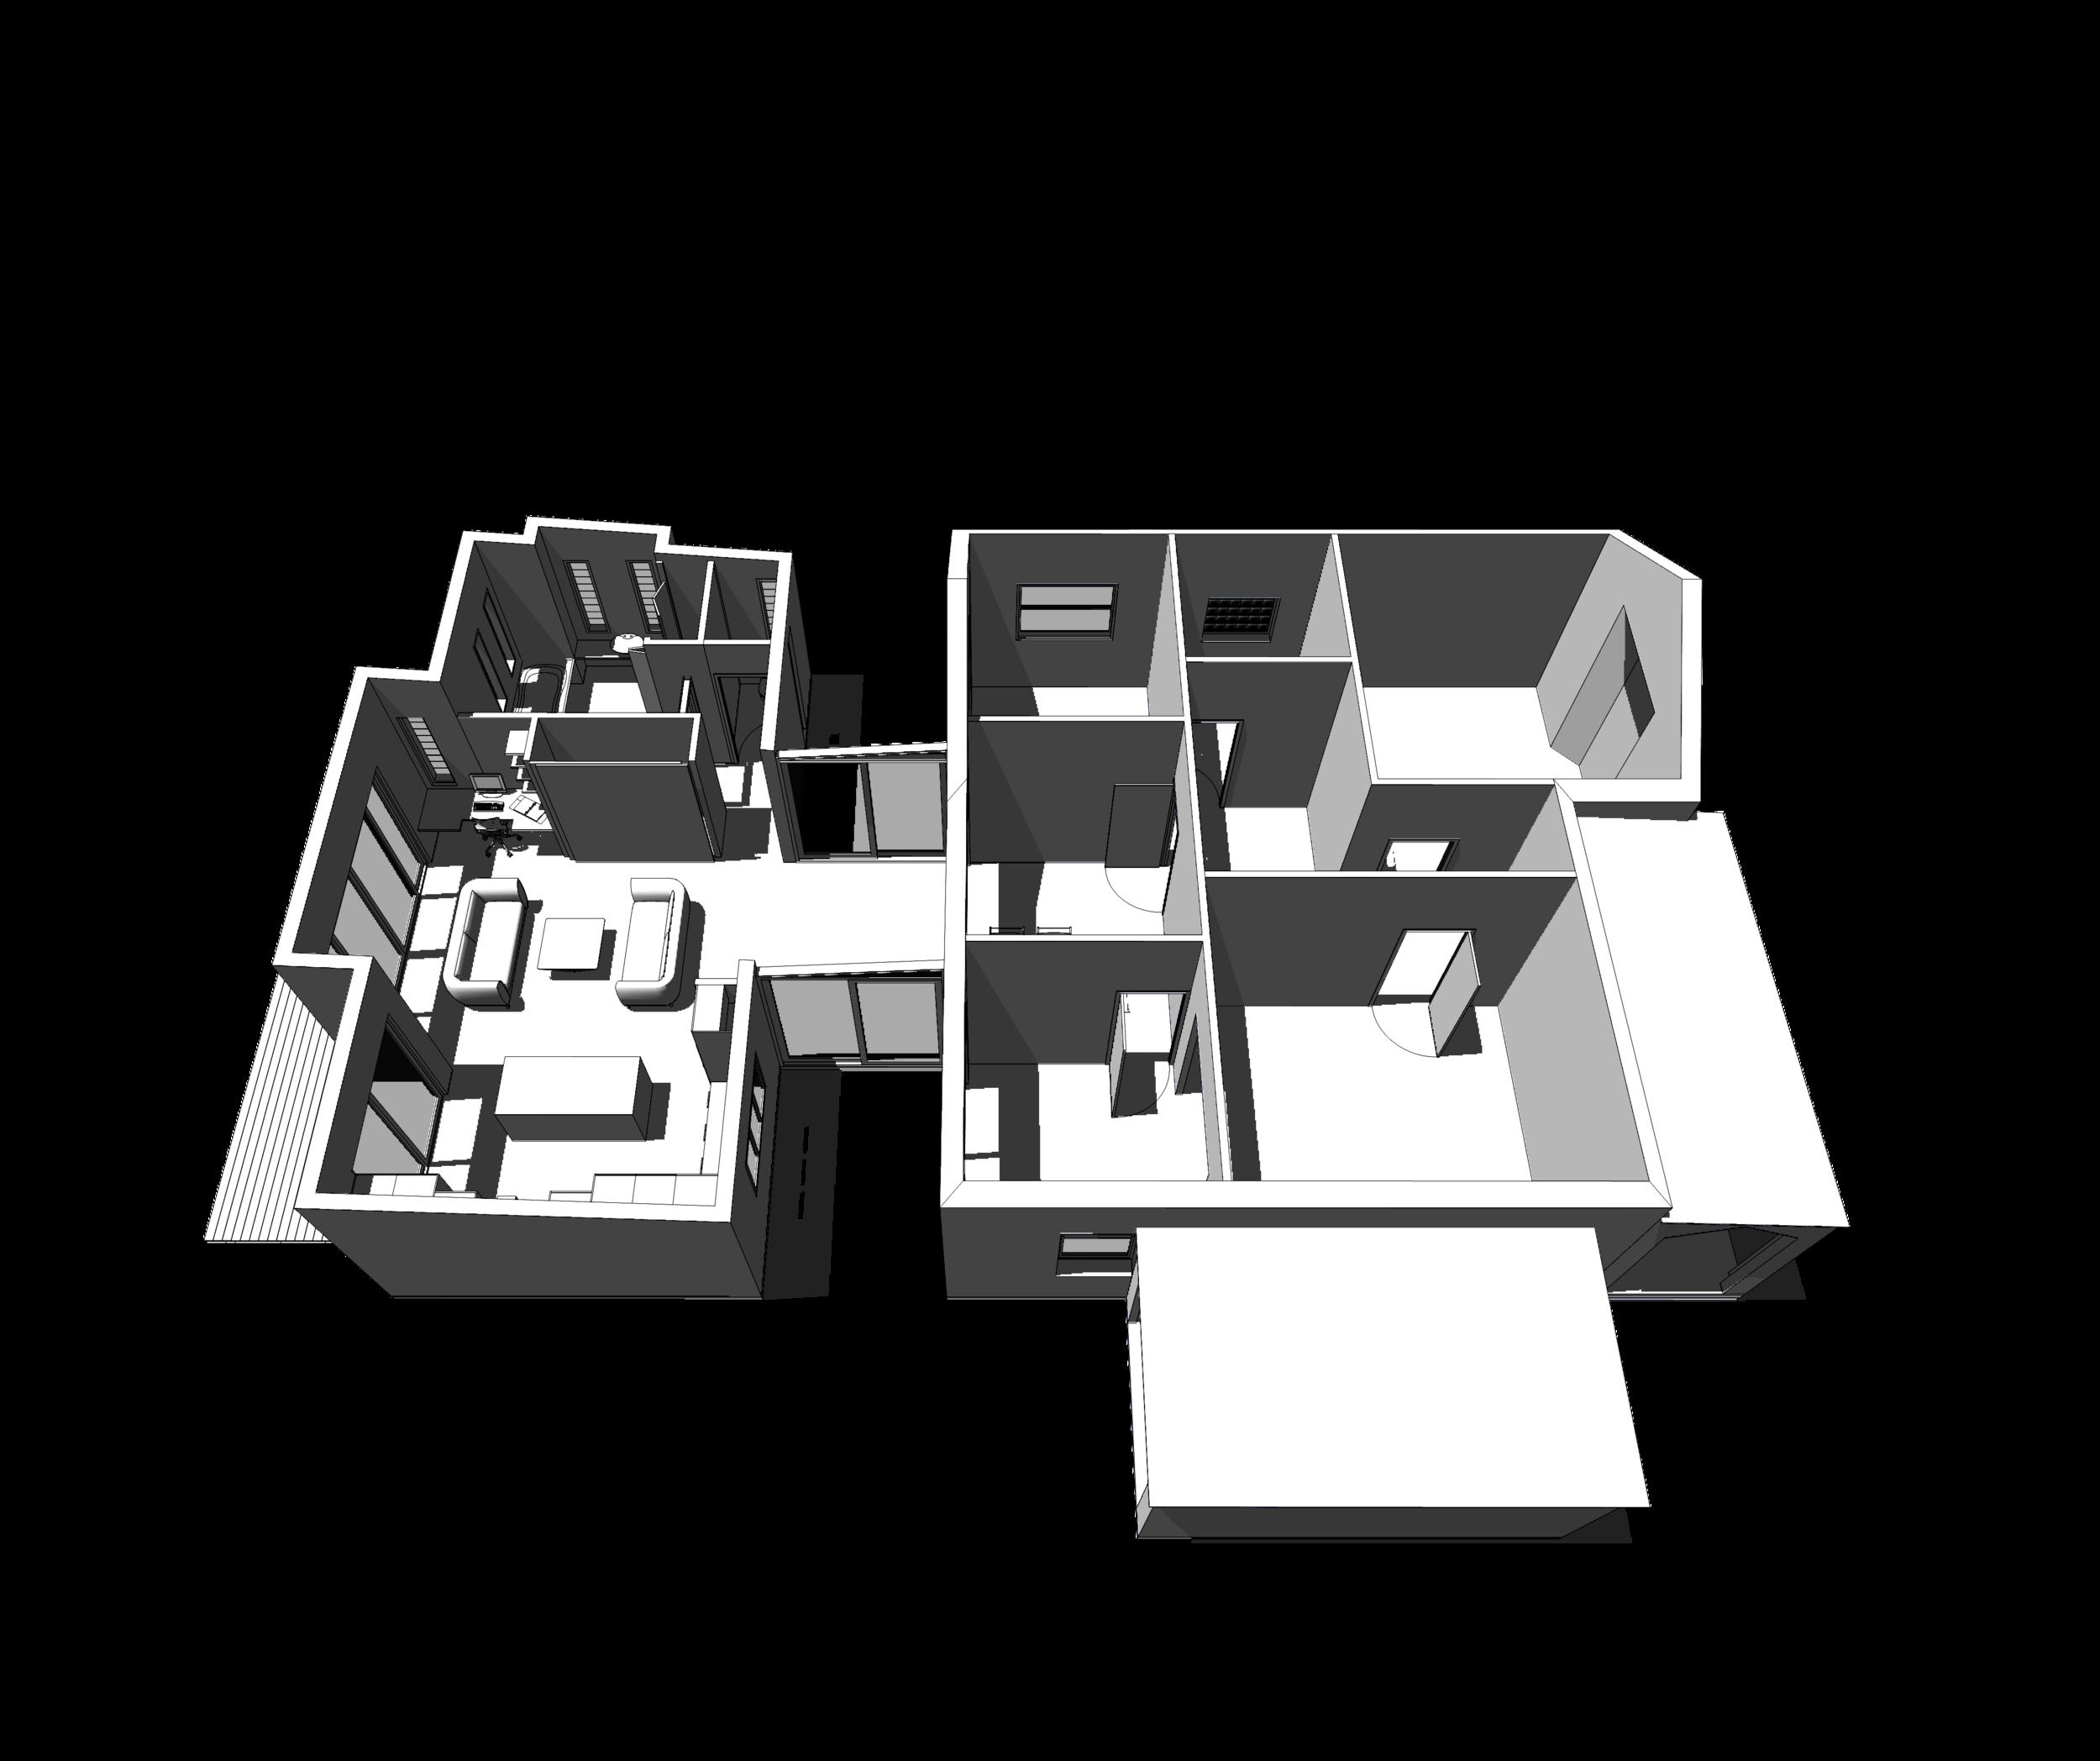 110404_sketch_design_3.png